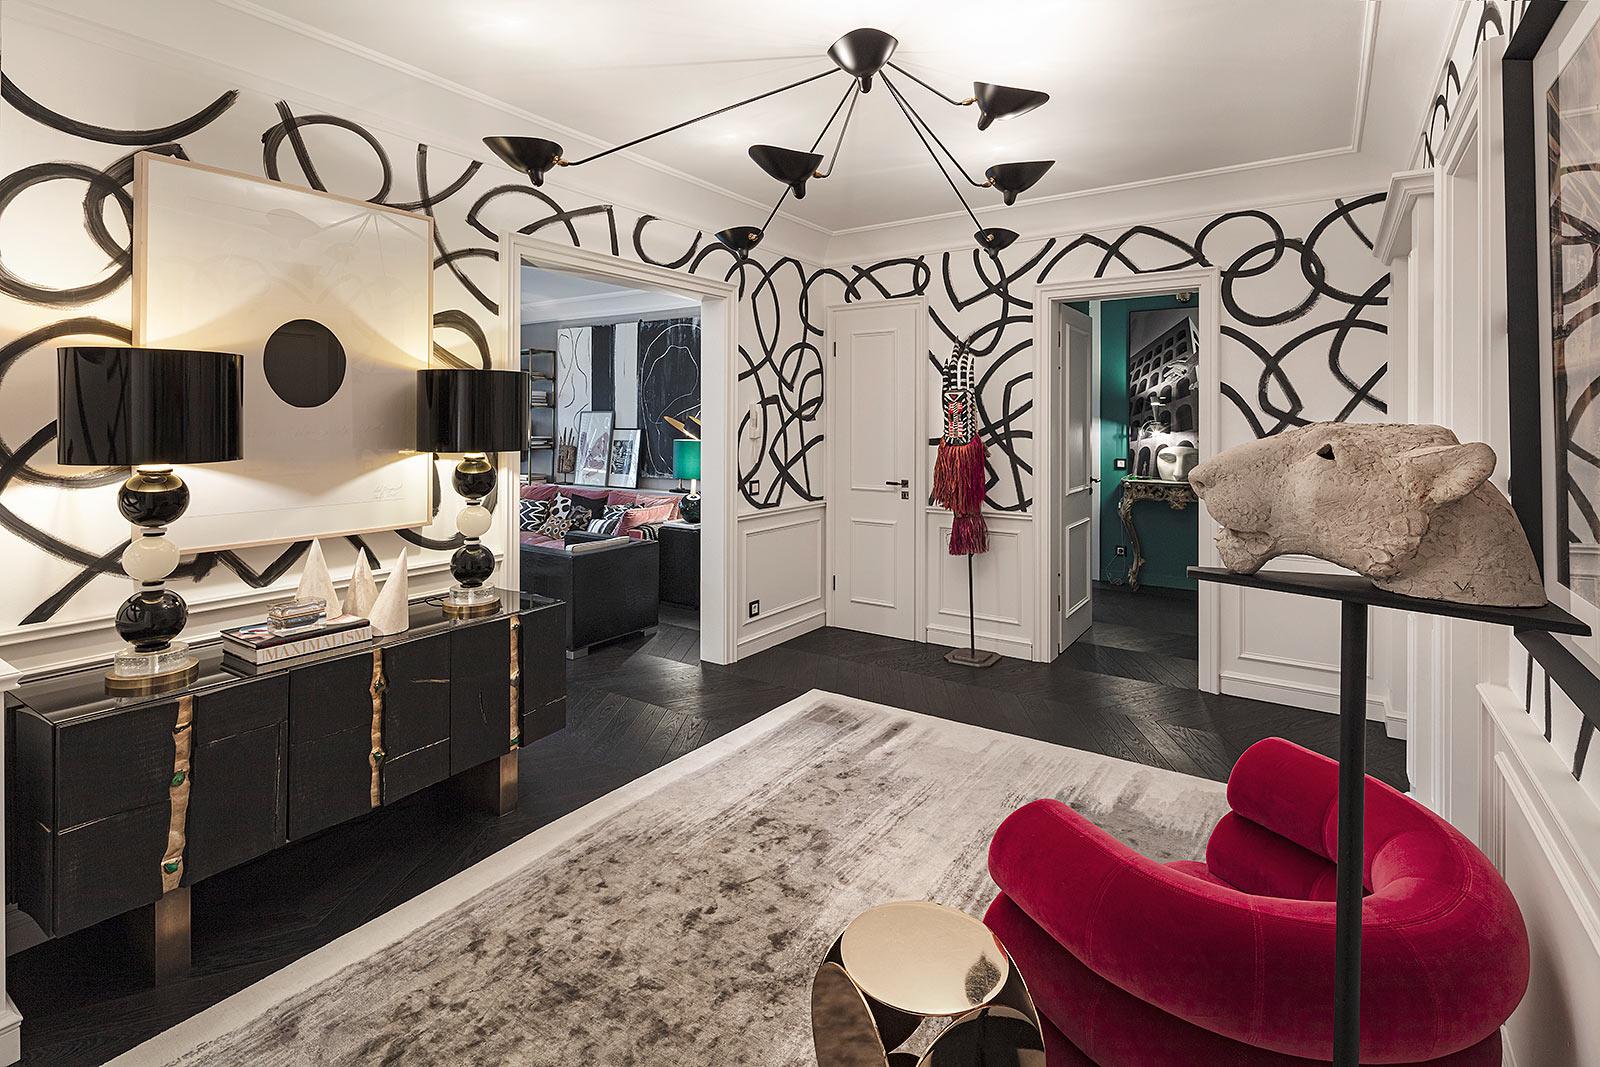 eklektisches-design-egetemeier-wohnkultur-interior